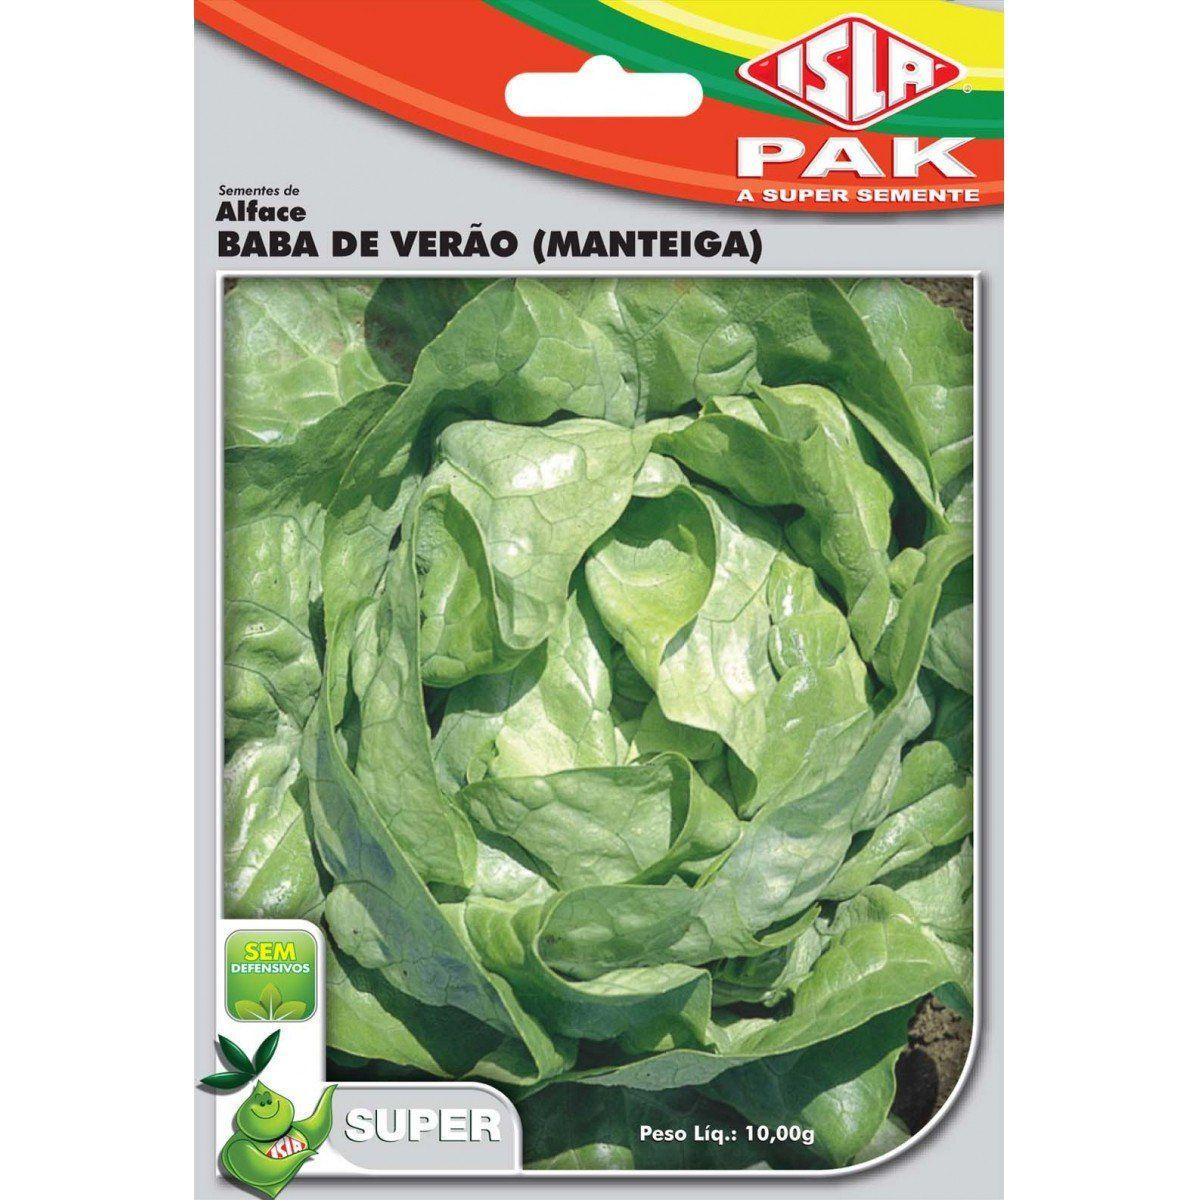 Sementes de Alface Baba de Verão (Manteiga) - Isla Superpak